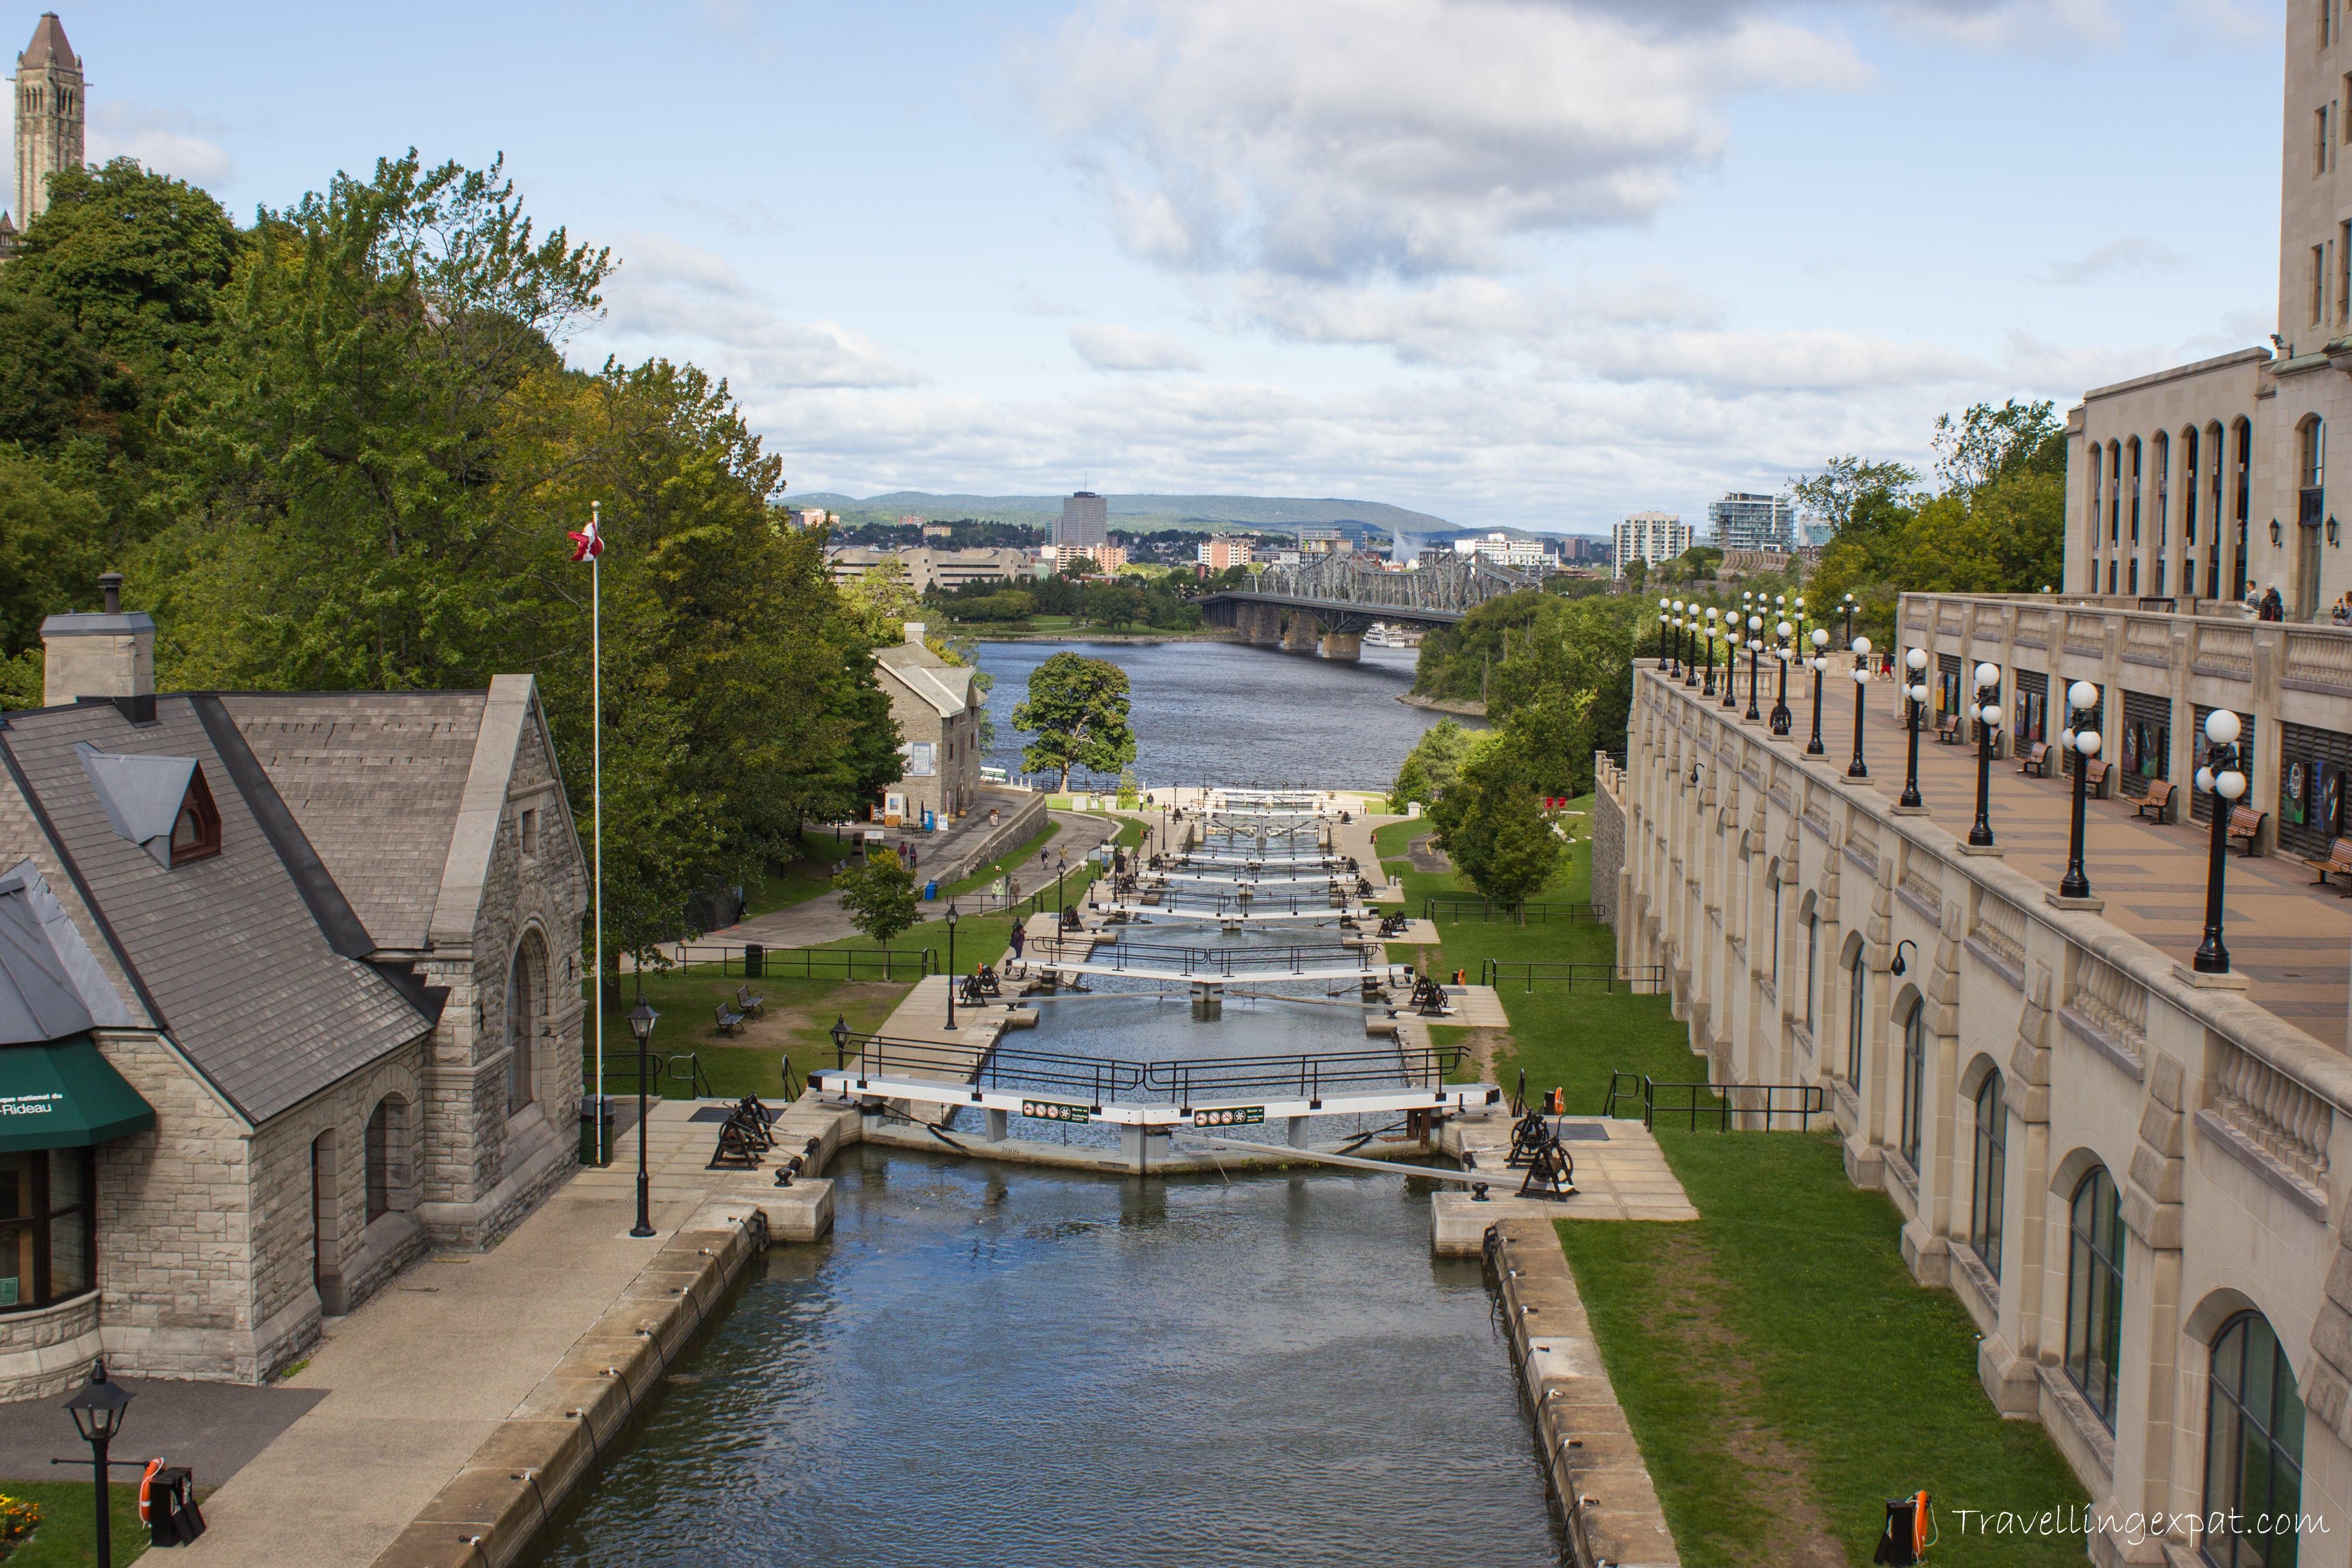 Canal Rideau, patrimonio dell'UNESCO